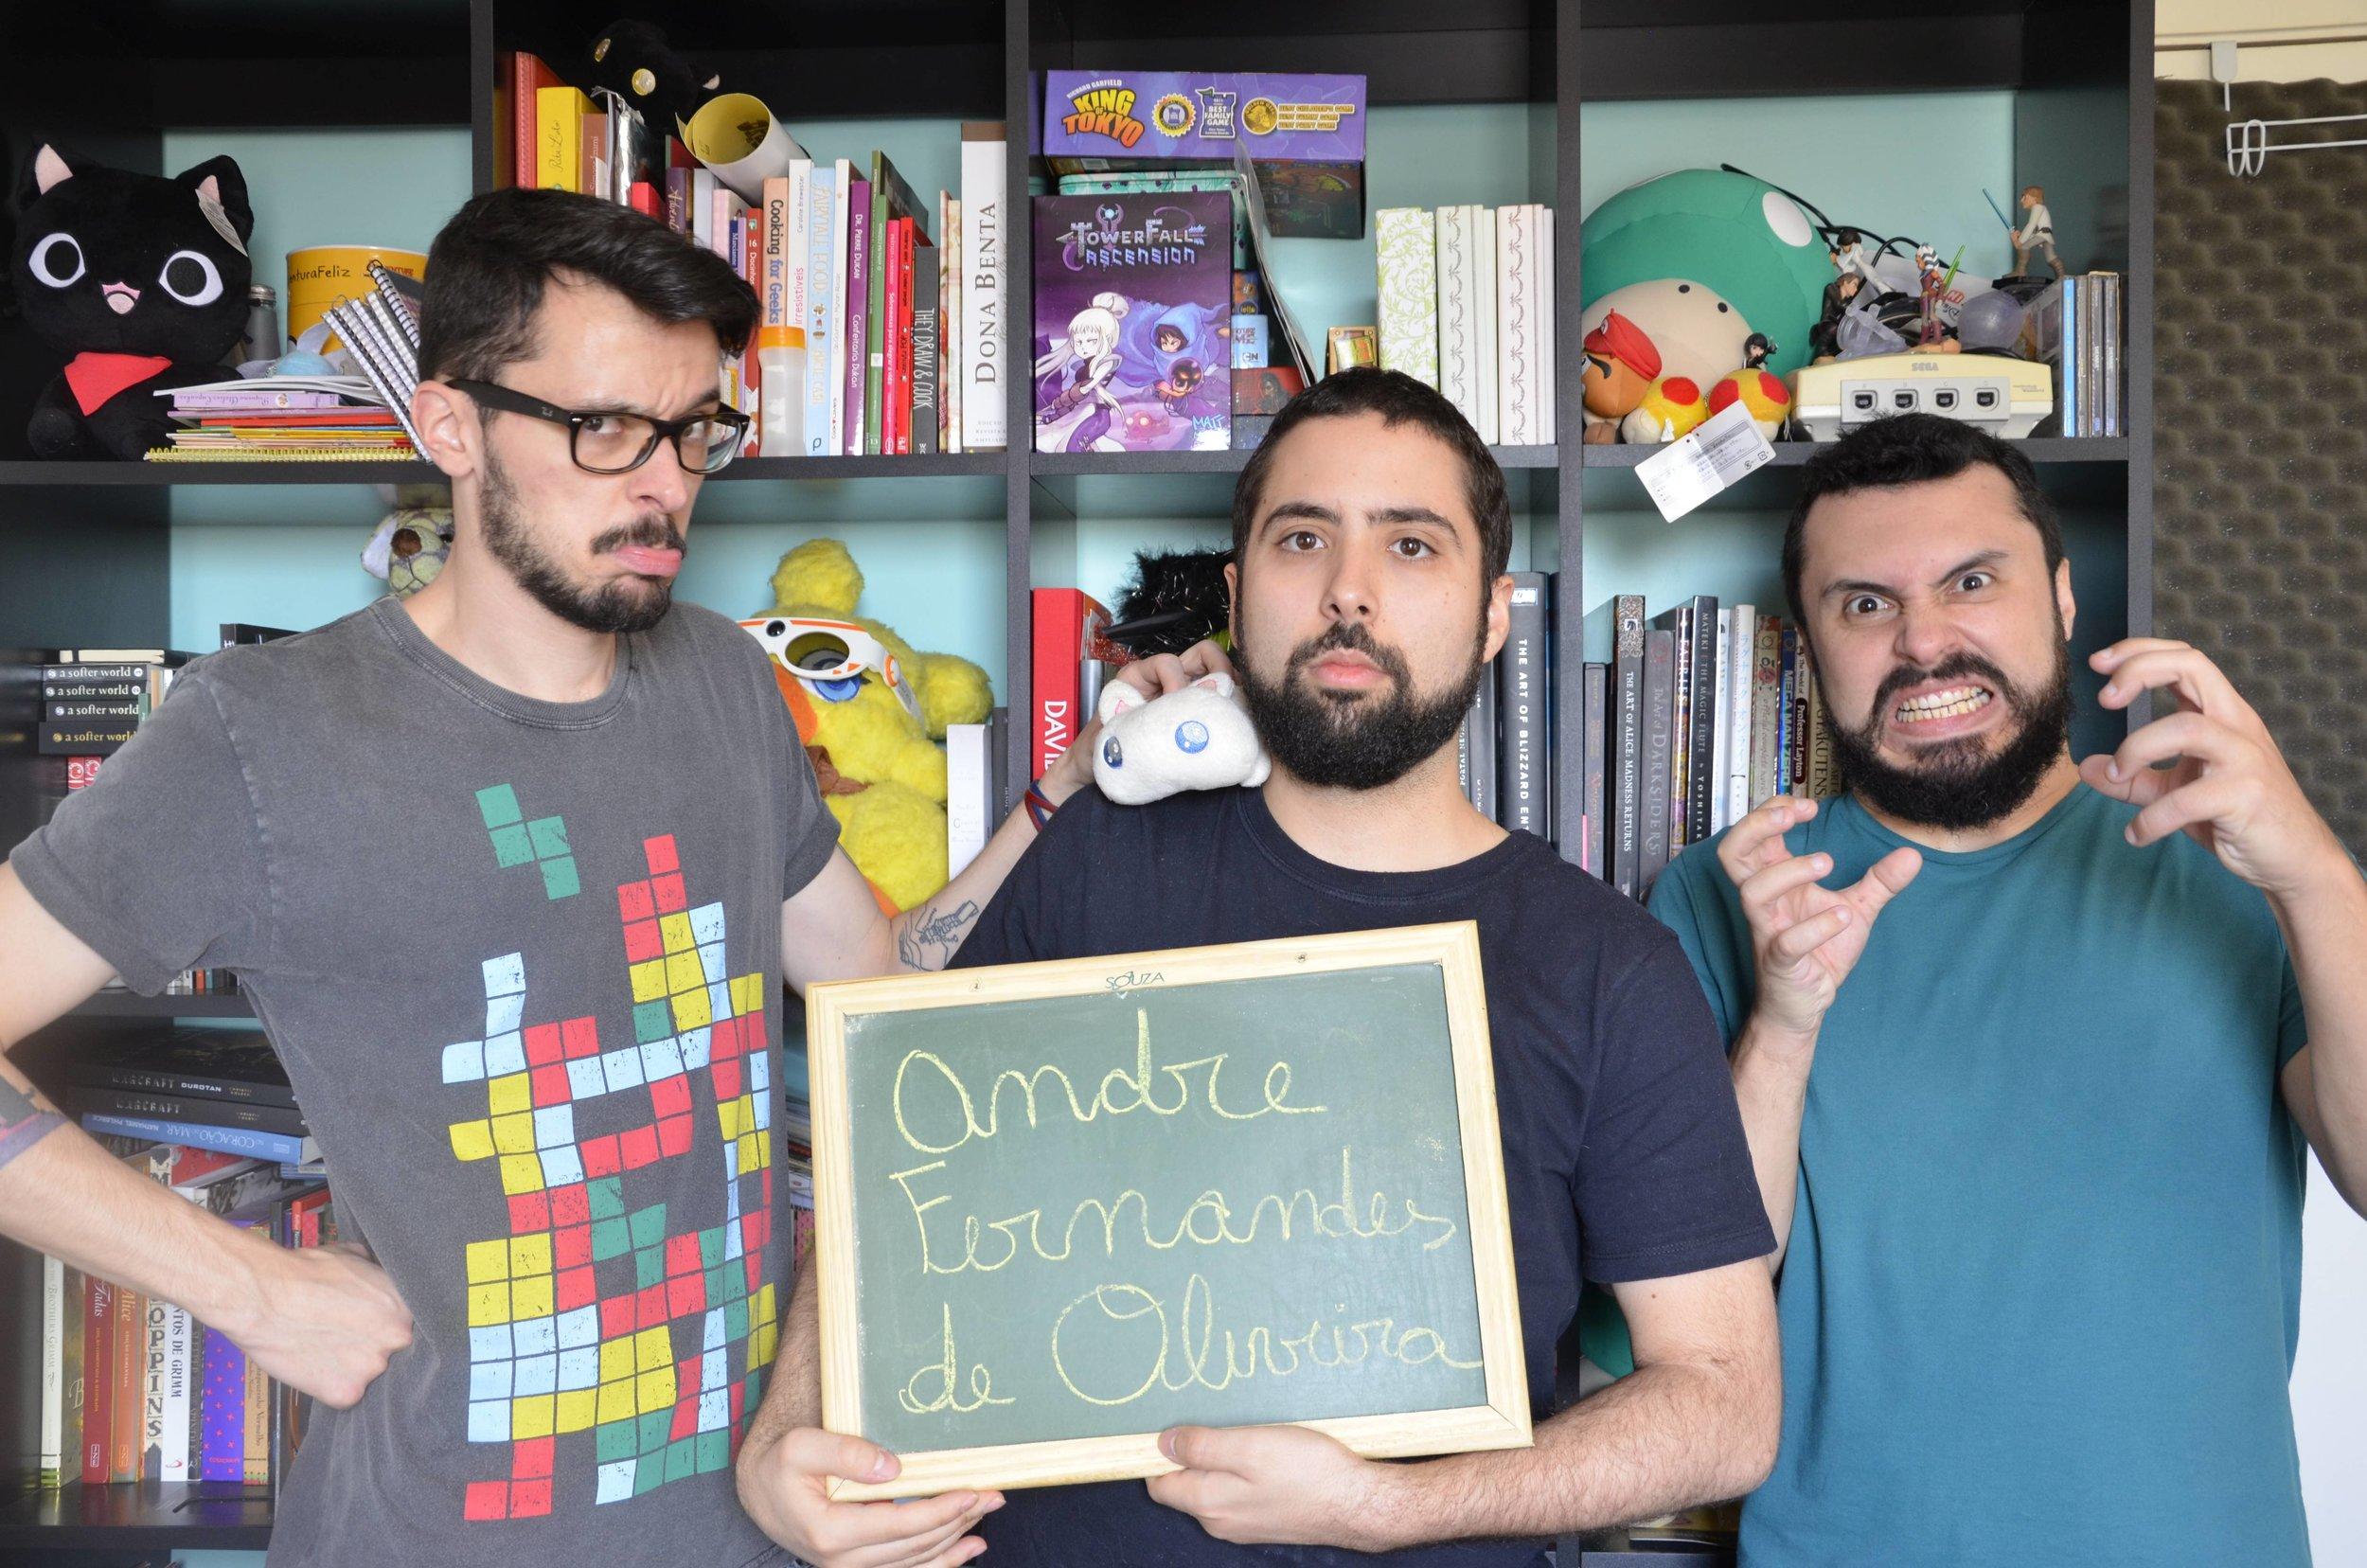 André-Fernandes-de-Oliveira.jpg